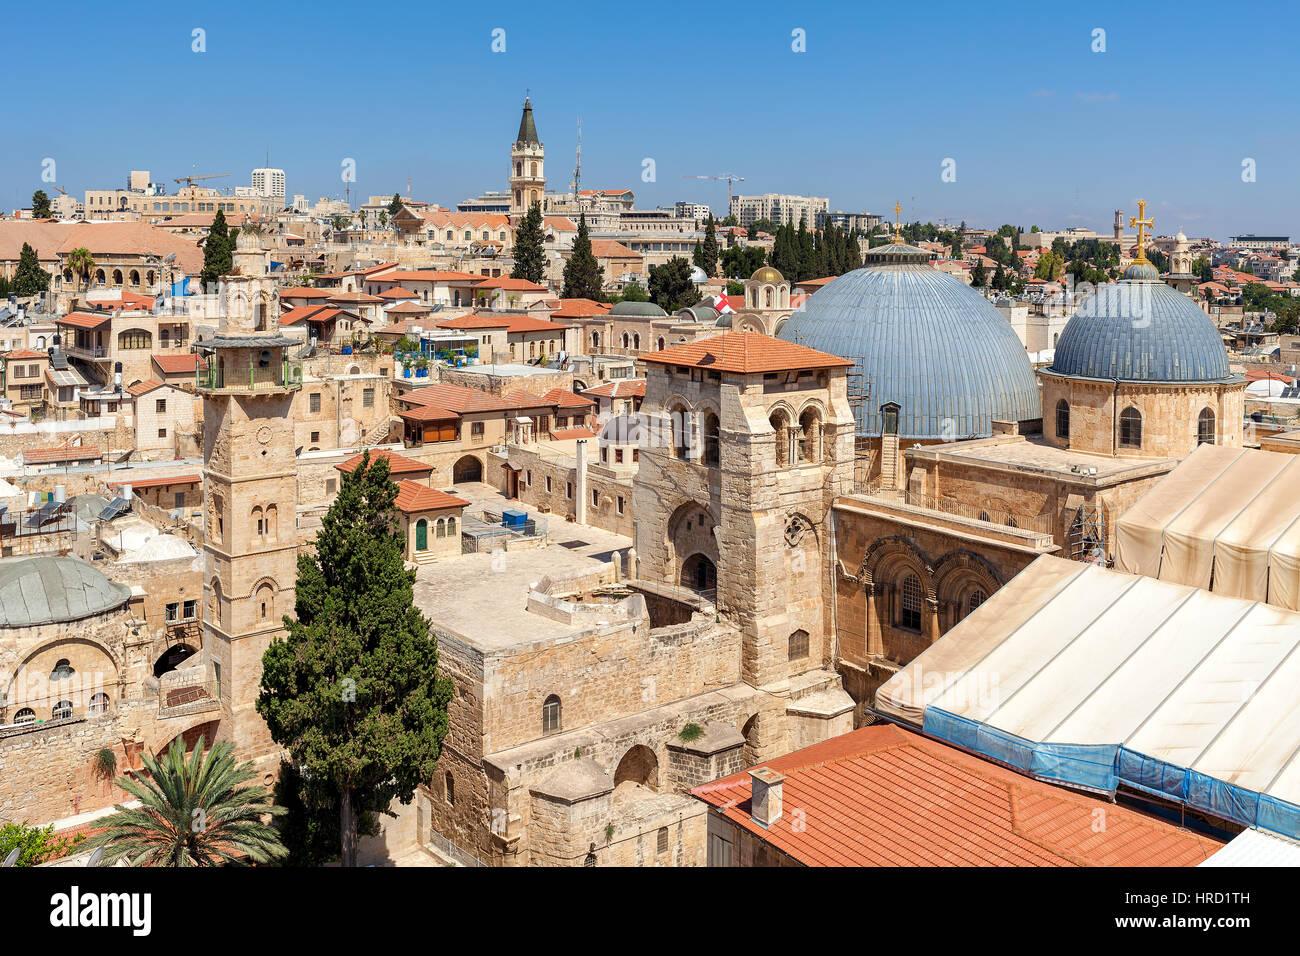 La iglesia del Santo Sepulcro, minaretes y cúpulas de los tejados de la Ciudad Vieja de Jerusalén, Israel, Imagen De Stock